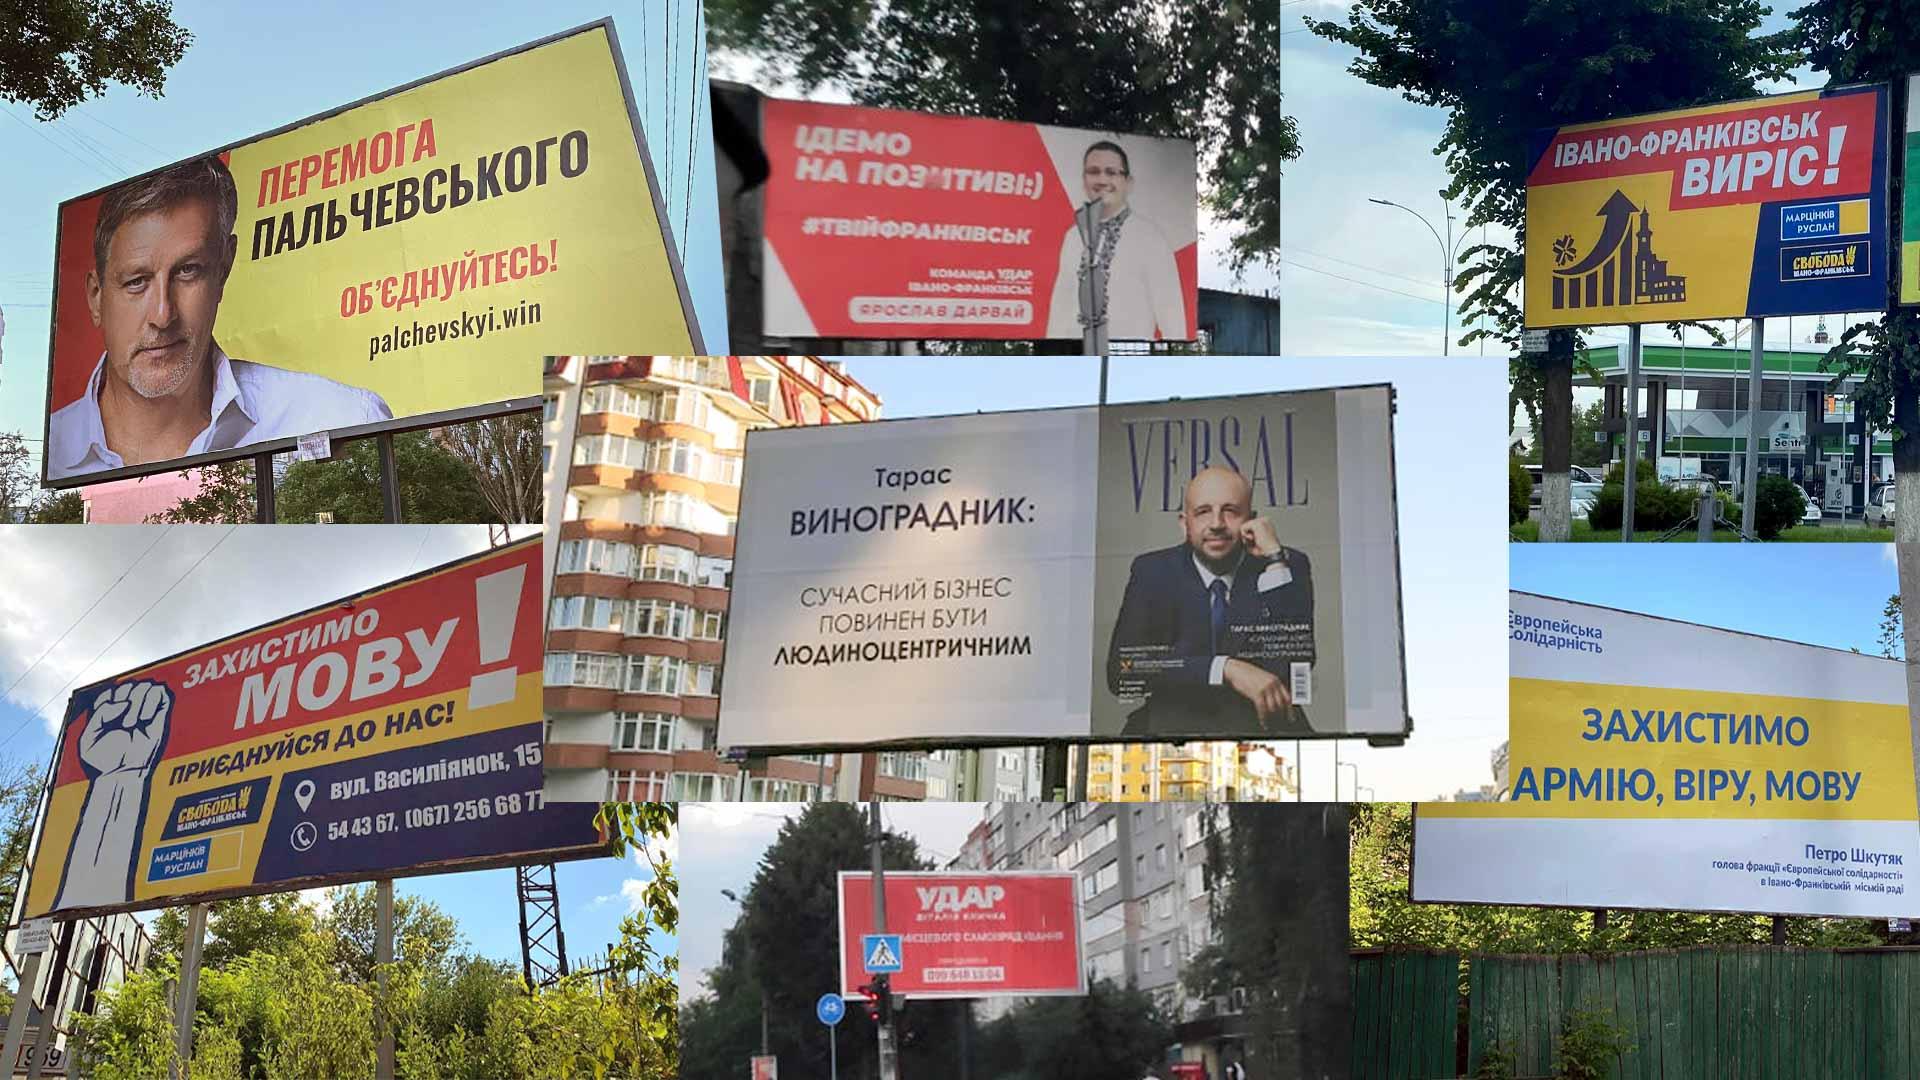 Вибори скоро: яких політиків і партії можна побачити на білбордах міста й області (ФОТО)